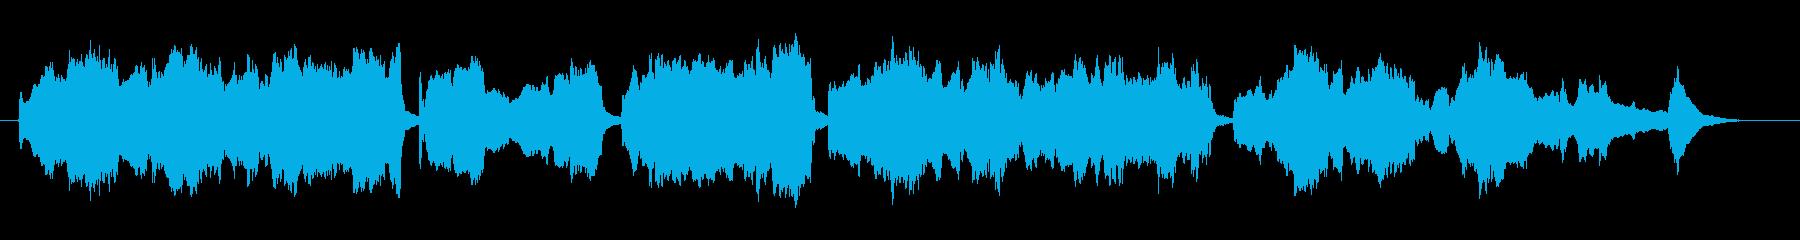 ハープとソプラノ/ブラームスの子守唄の再生済みの波形